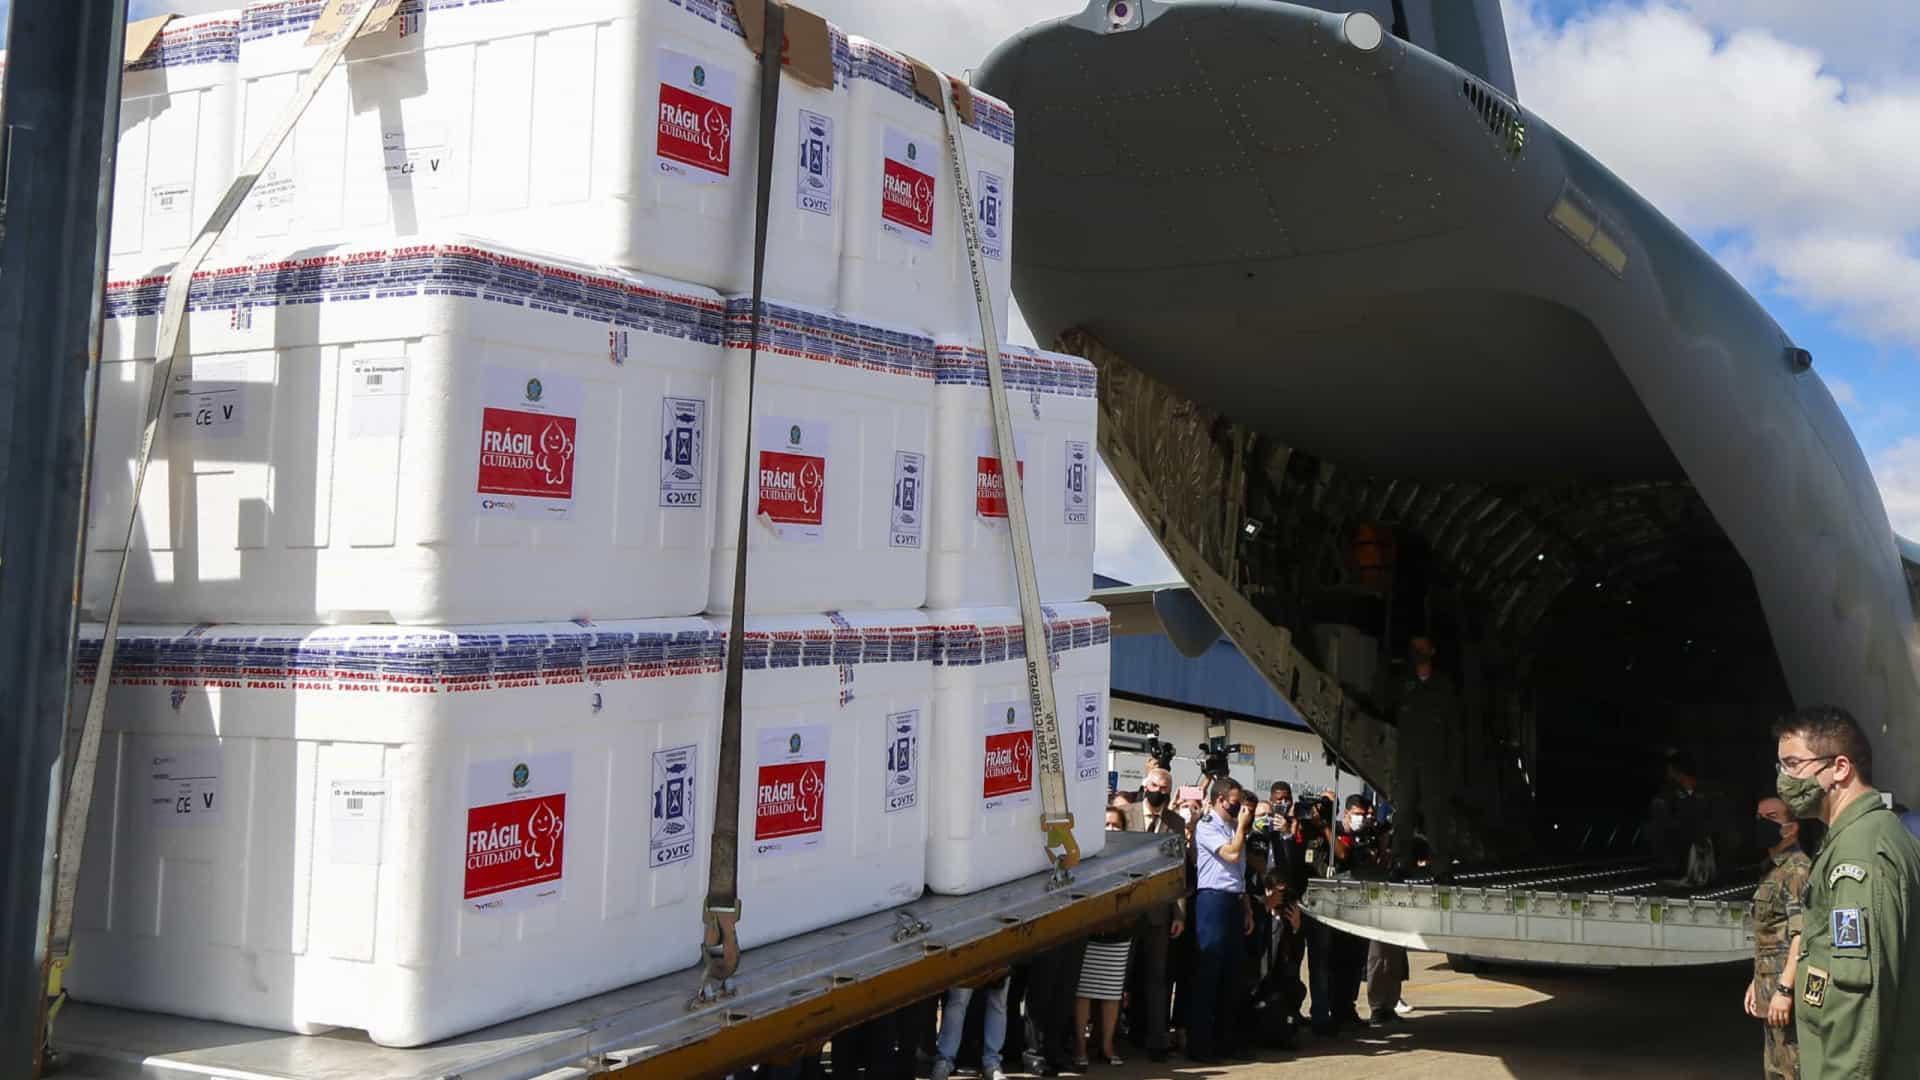 naom 60072430051f1 - 1,5 milhão de doses da Coronavac é entregue pelo Butantan ao governo